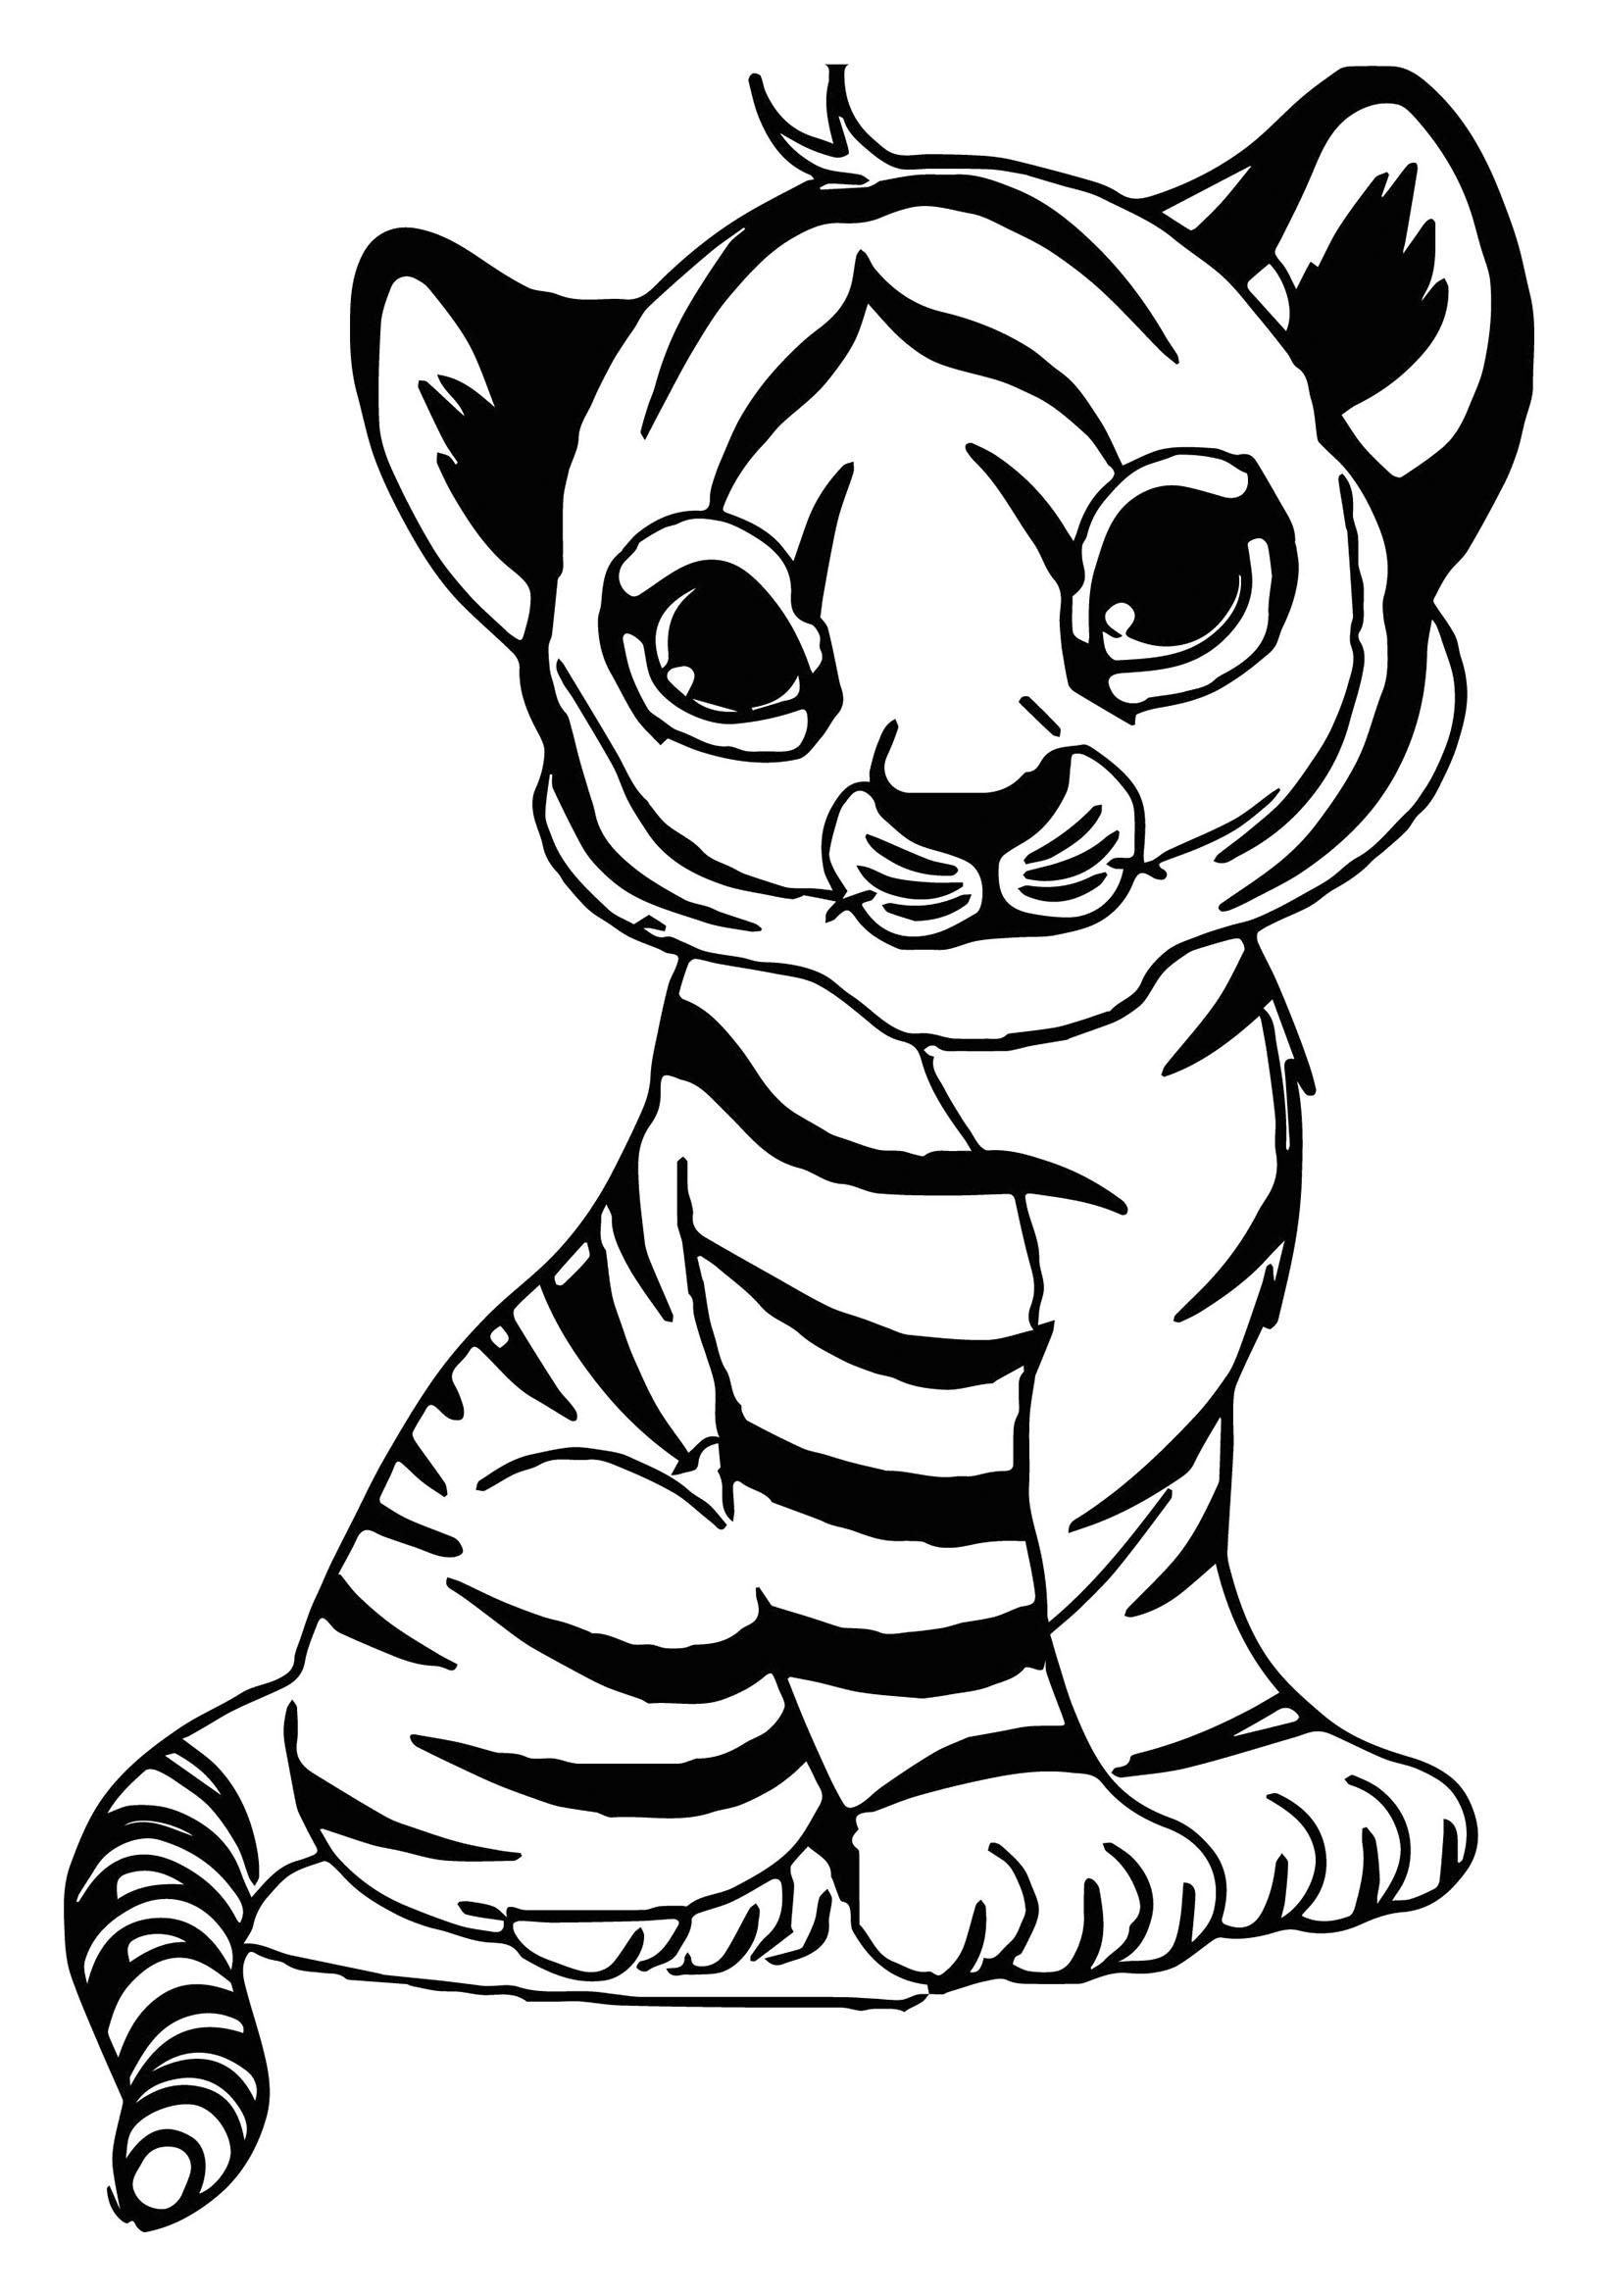 Dessin De Tigre Gratuit A Imprimer Et Colorier Coloriage De Tigres Coloriages Pour Enfants